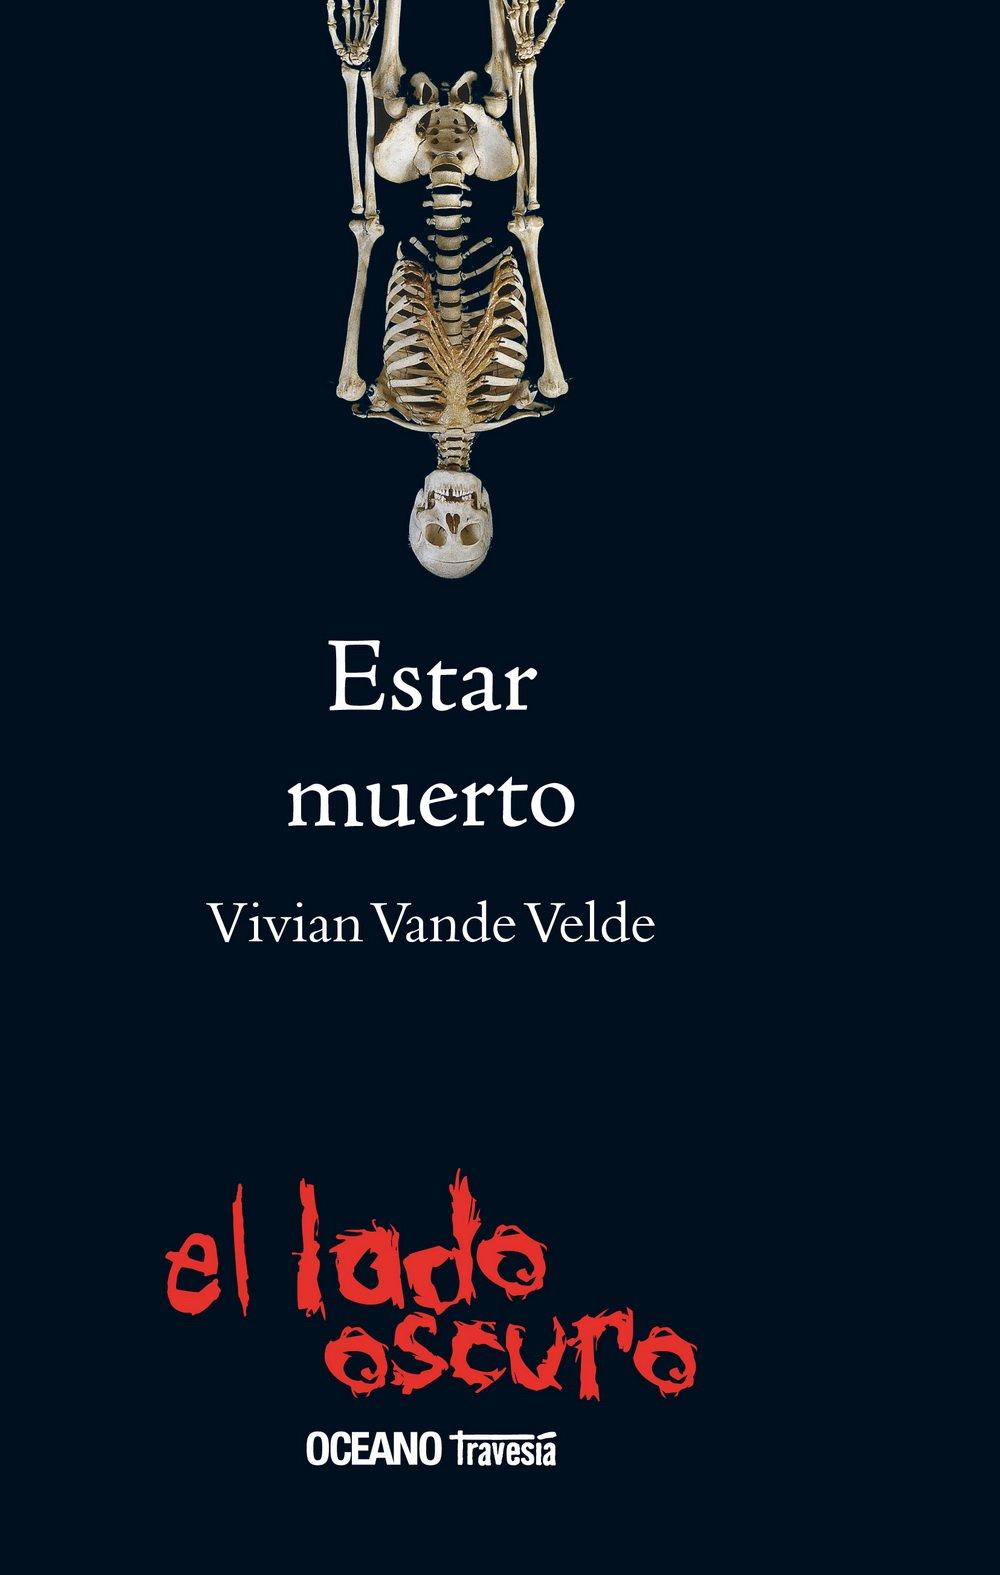 Estar muerto: Siete escalofriantes cuentos de fantasmas El lado oscuro: Amazon.es: Vivian Vande Velde: Libros